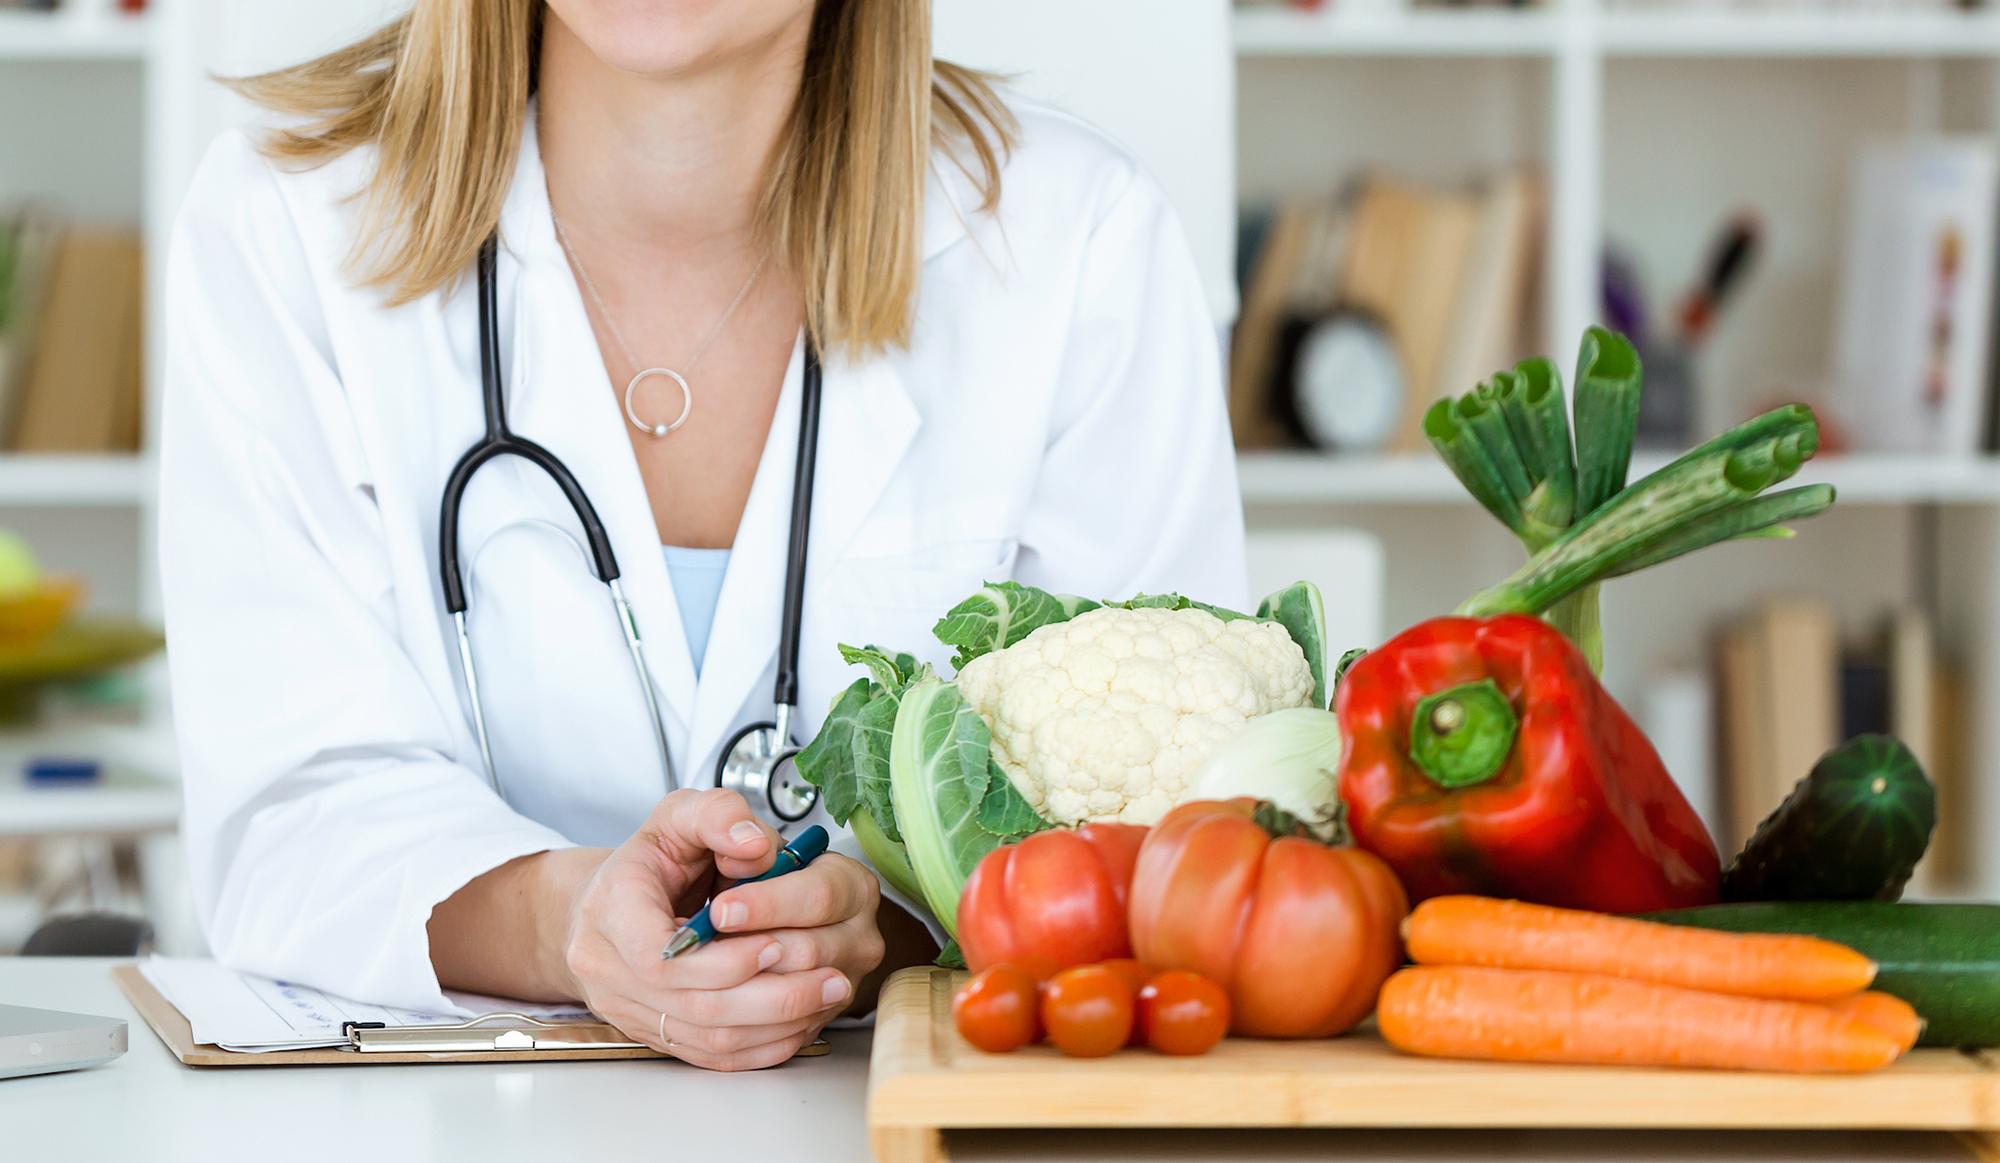 Dieta basada en productos vegetales: opinión de 7 organizaciones de salud